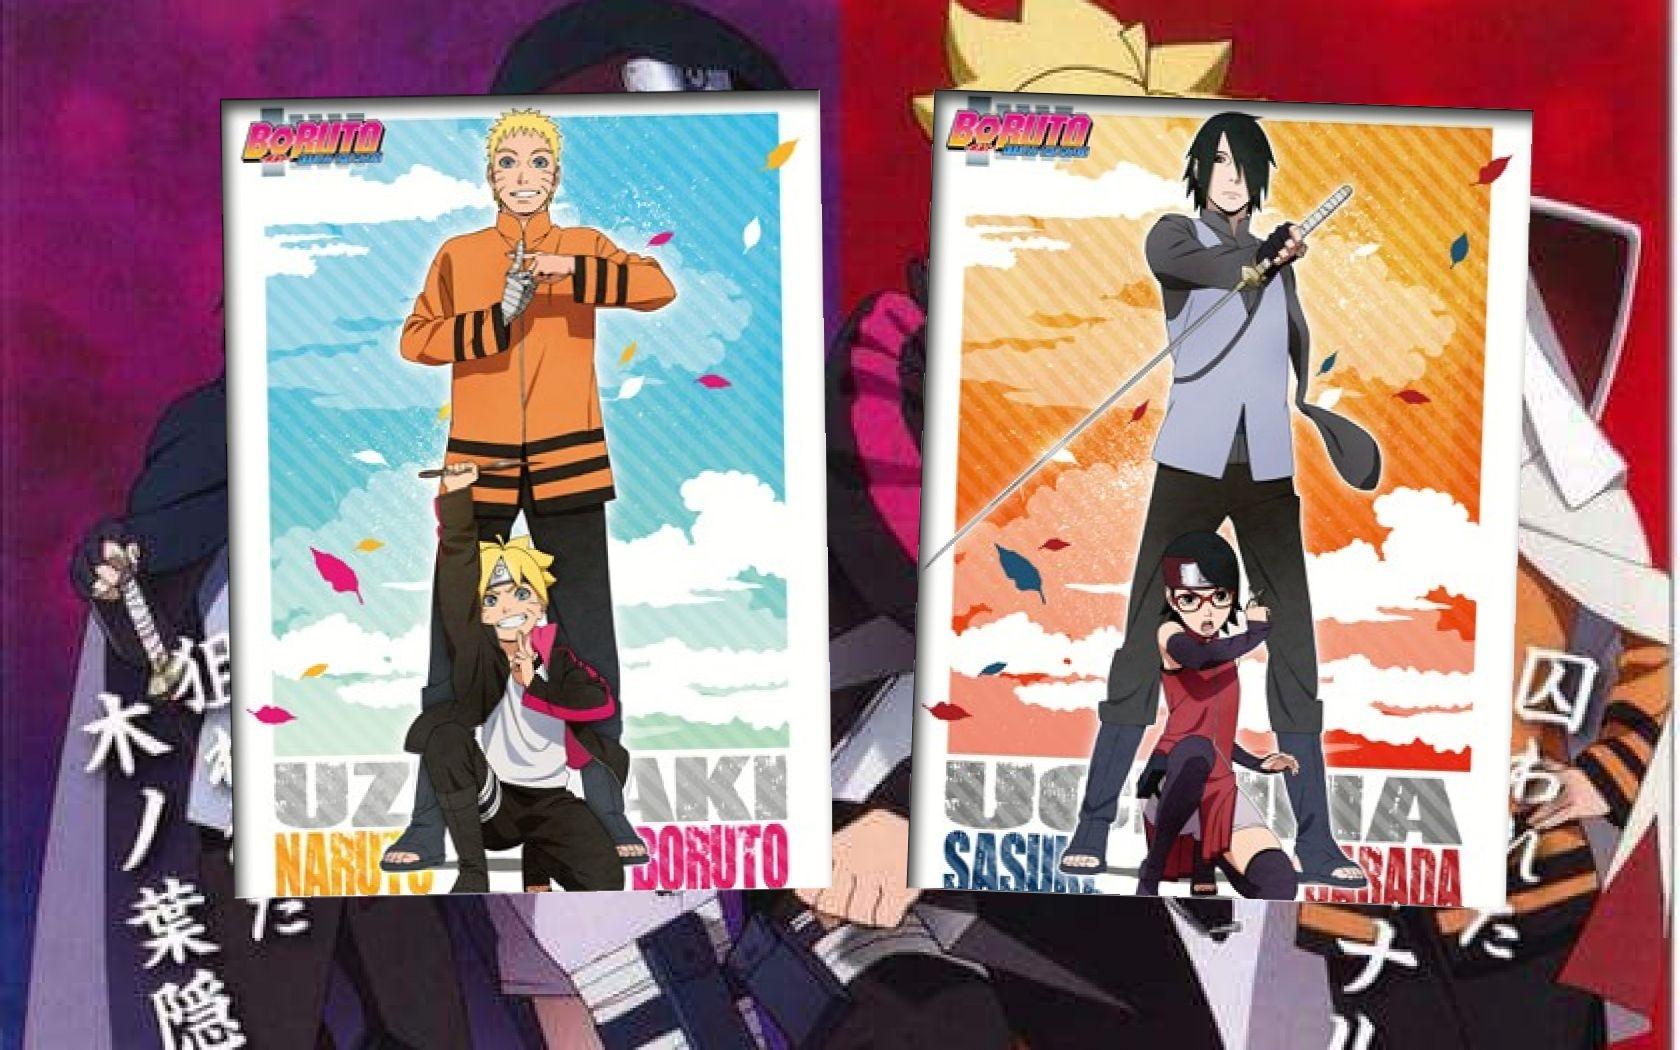 Naruto Sasuke Boruto Sarada Wallpaper 9 by weissdrum 1680x1050